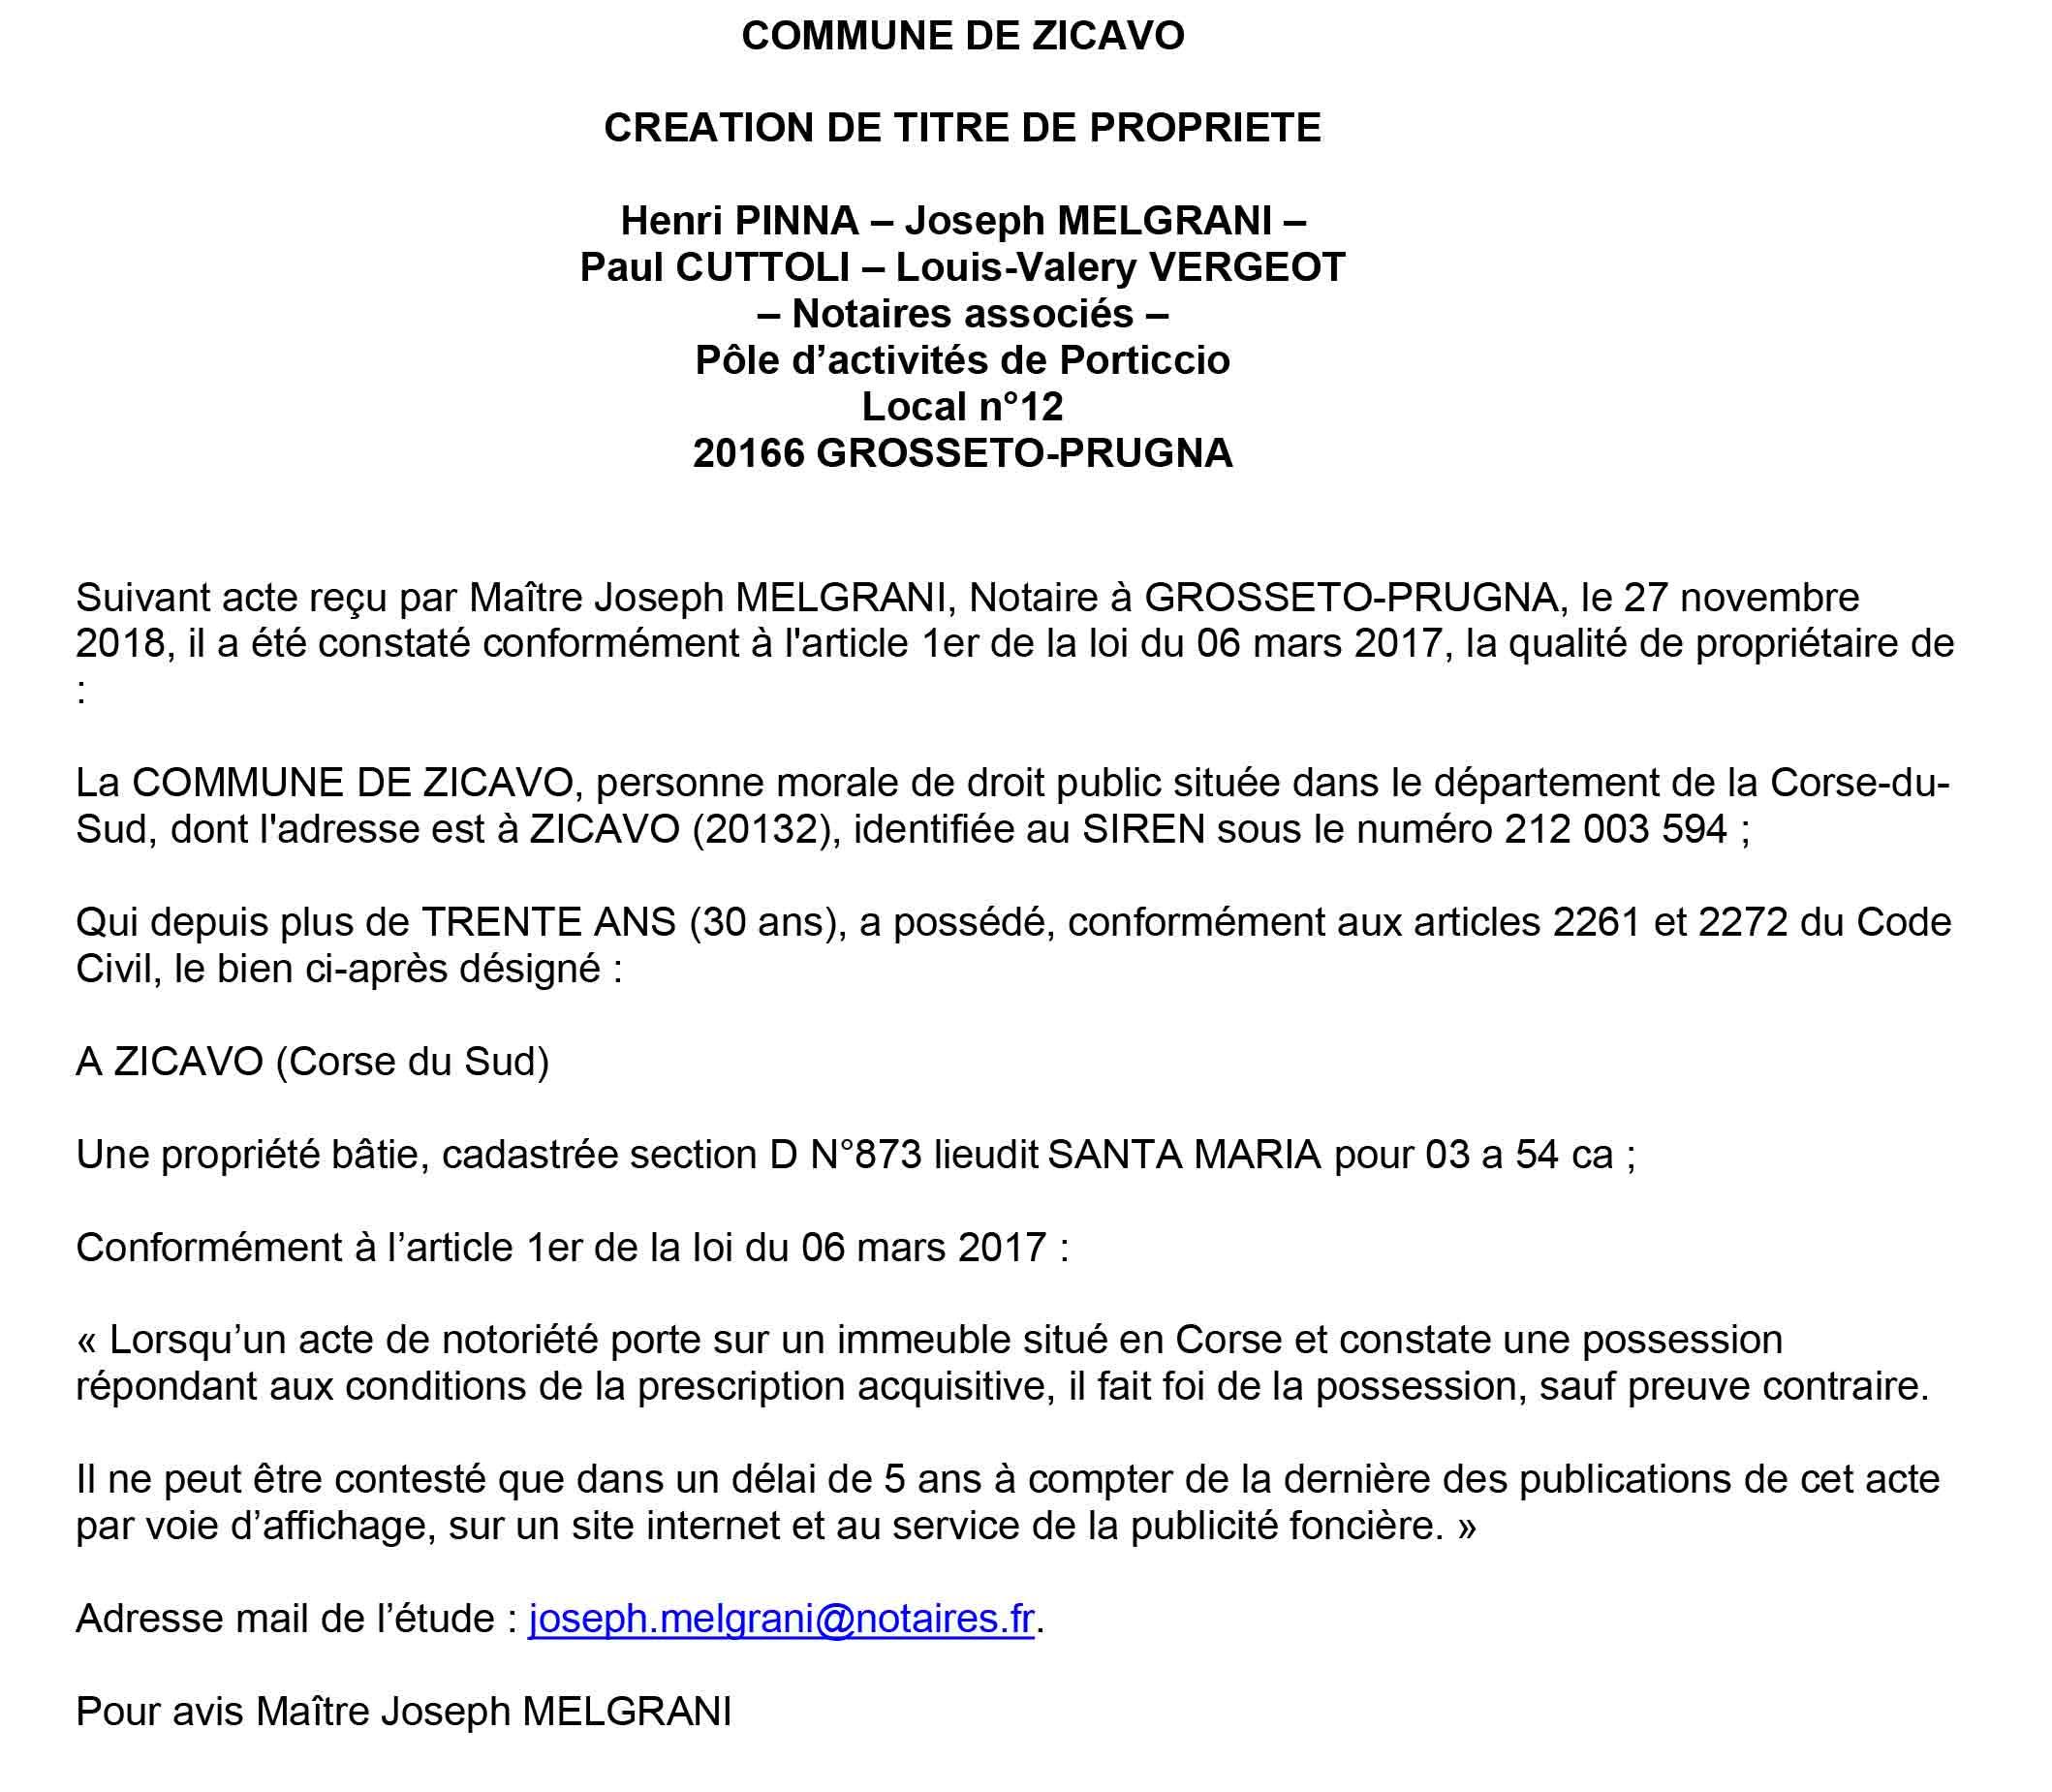 Avis de création de titre de propriété - commune de Zicavo (Corse du Sud)